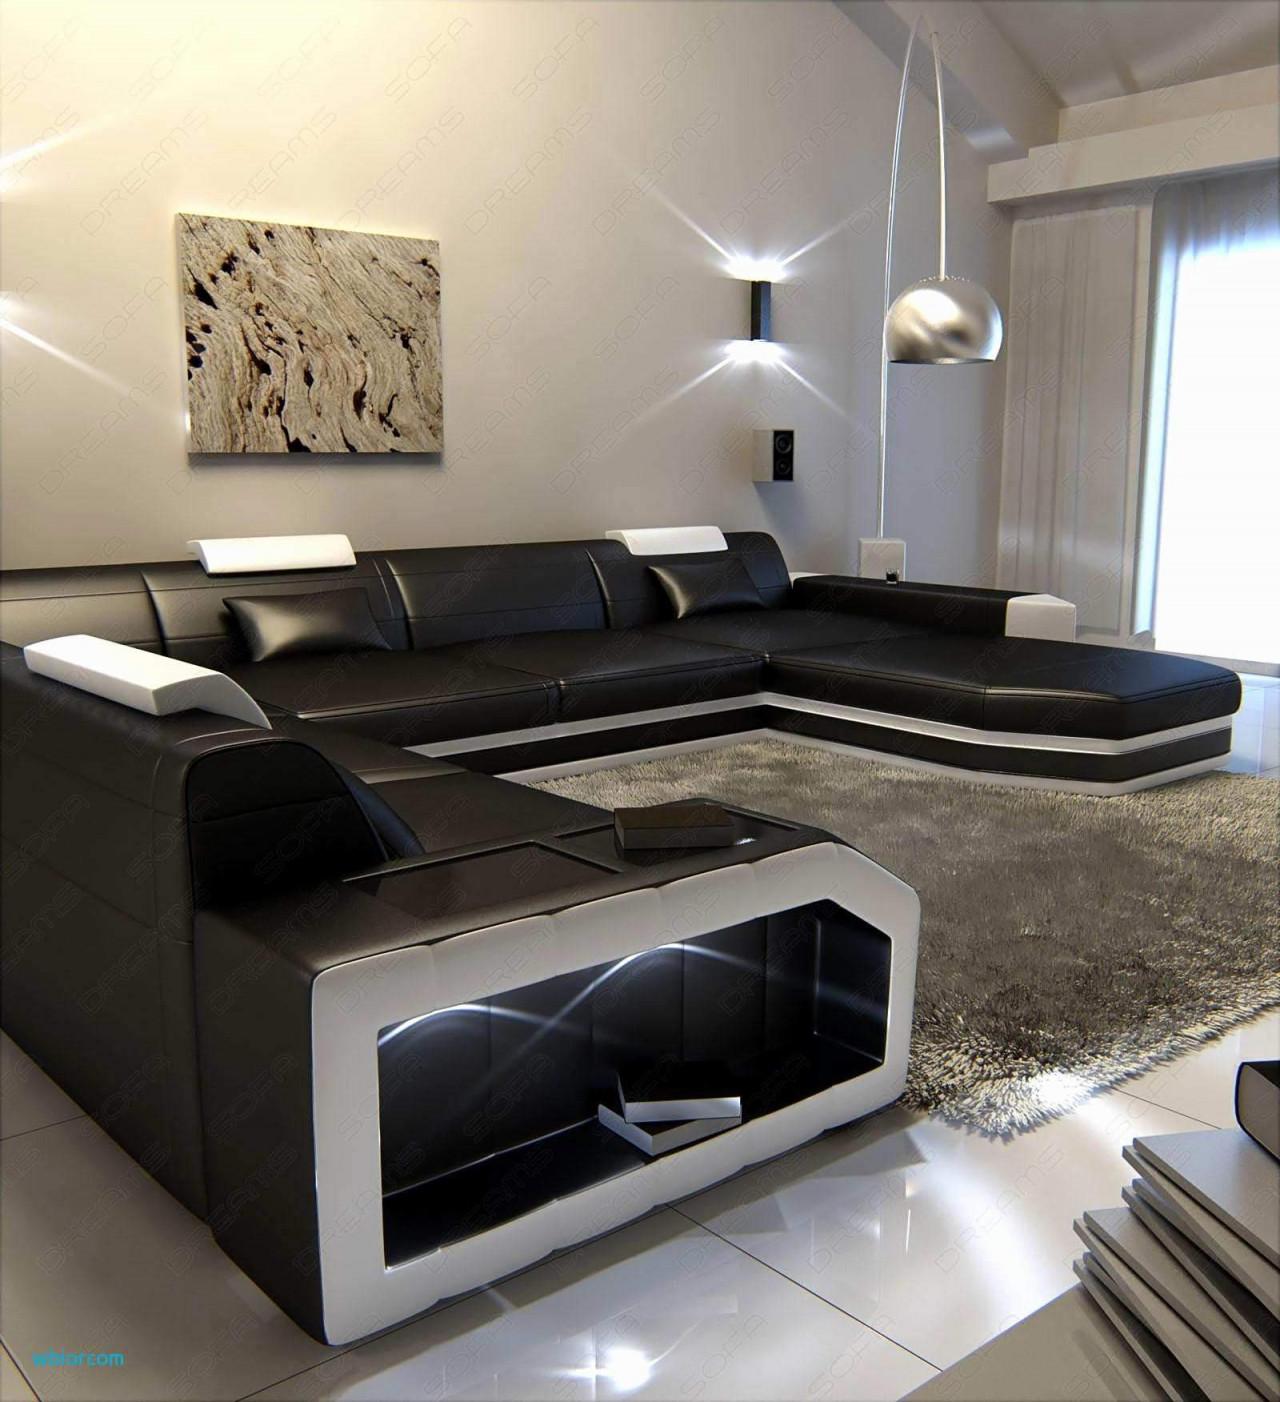 Bilder Wohnzimmer Groß Inspirierend Wandpaneele Holz Weiß von Bilder Für Wohnzimmer Gross Bild